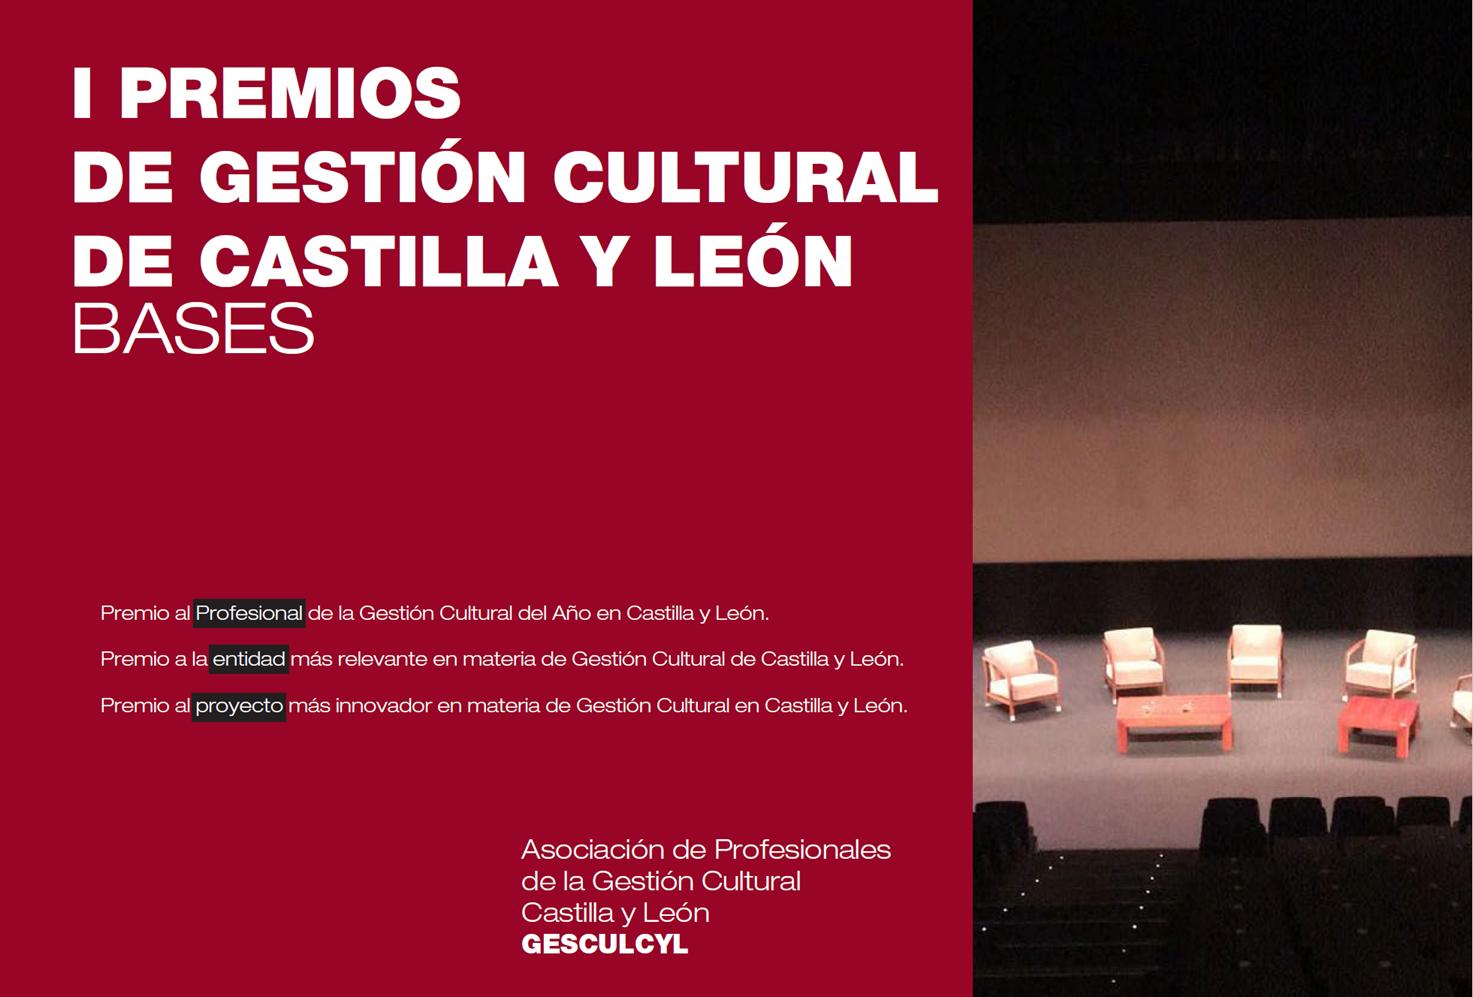 I PREMIOS DE GESTIÓN CULTURAL CASTILLA Y LEÓN